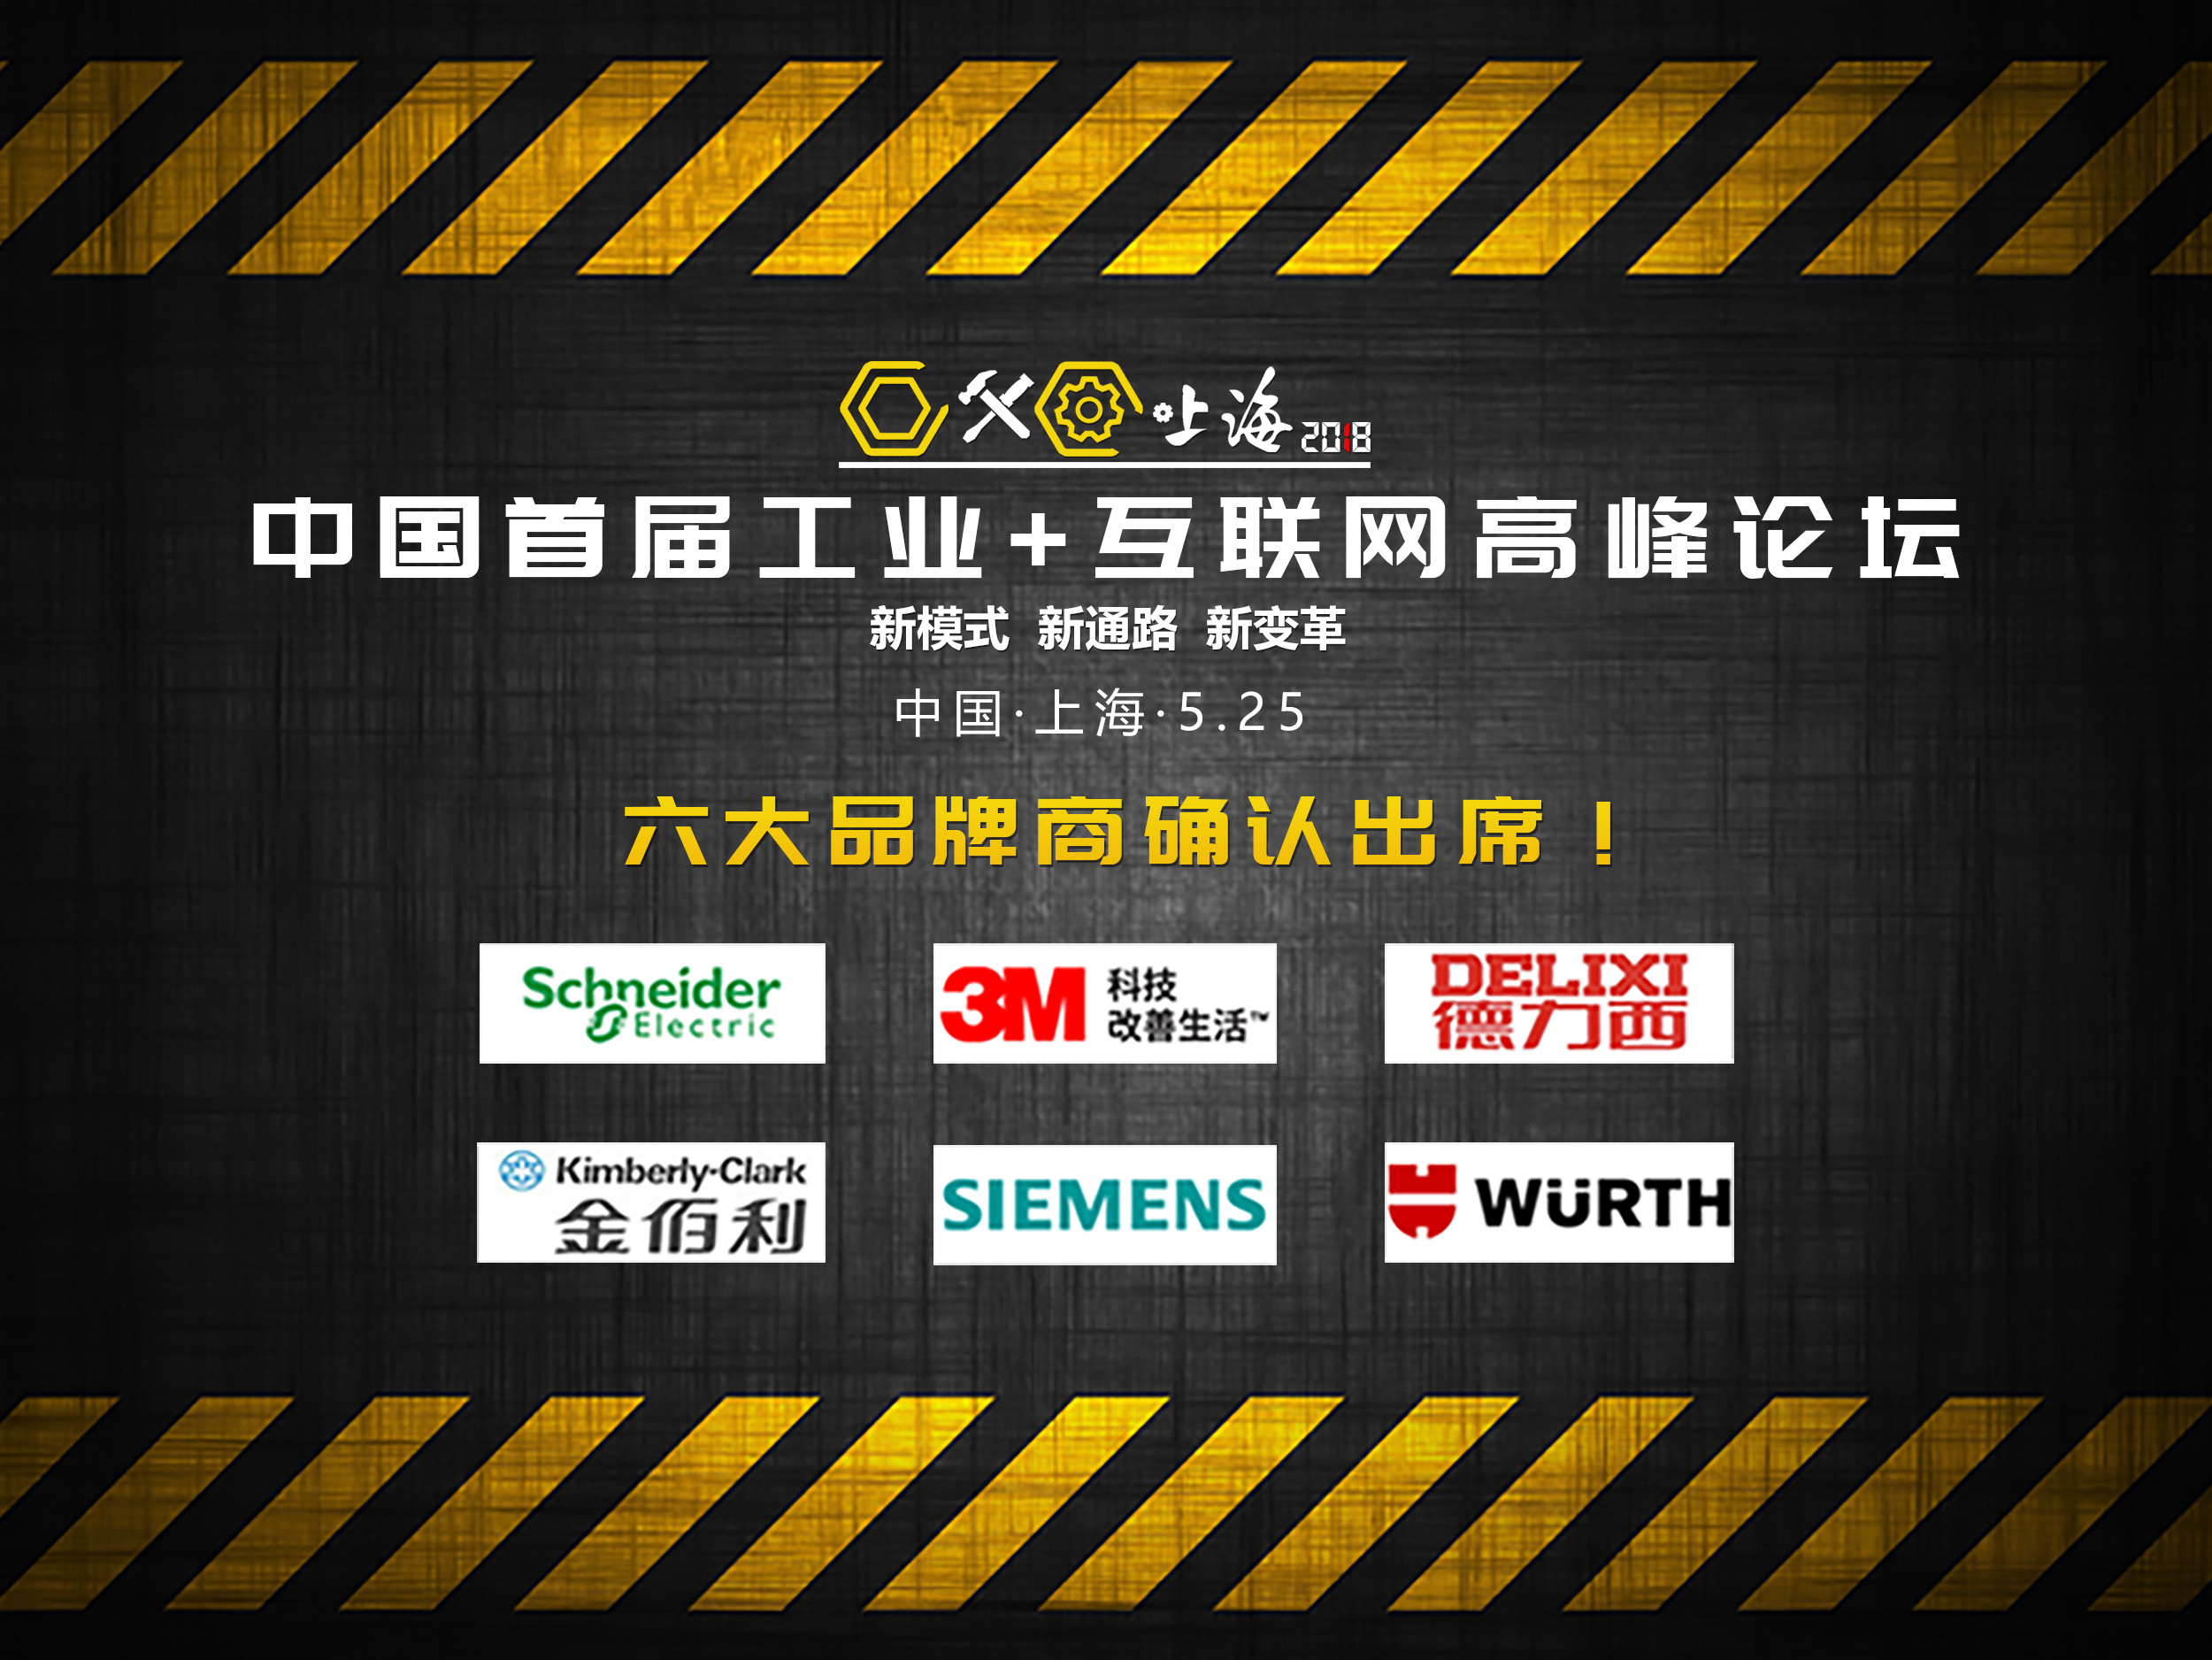 """中国首届""""工业+互联网""""高峰论坛将于5月25日在上海举行   活动推广"""